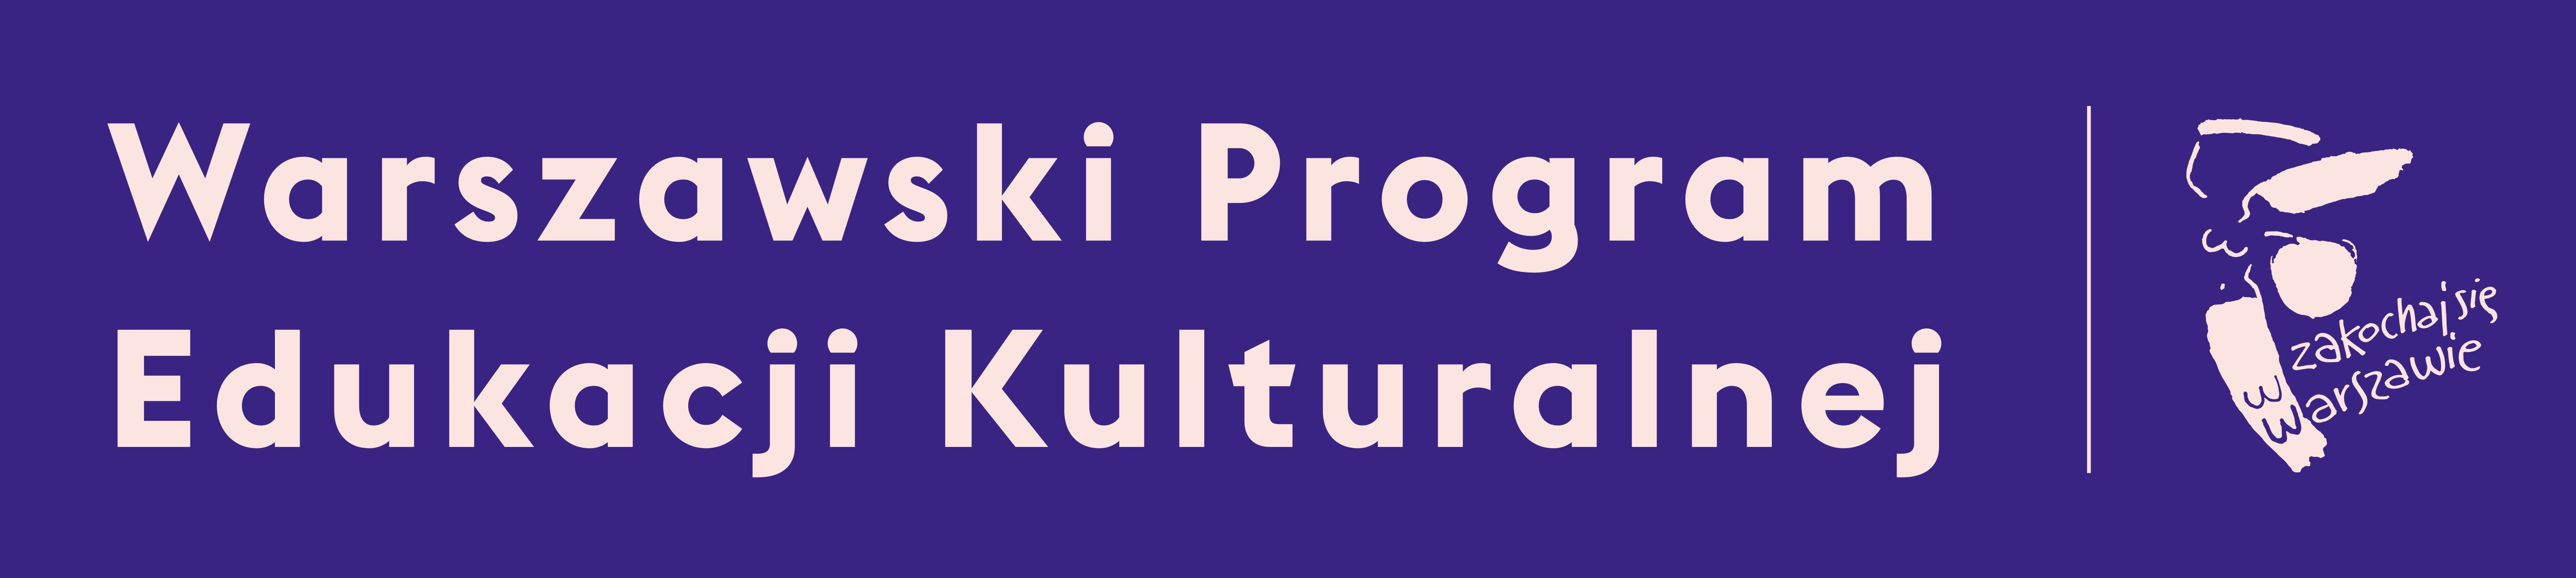 Warszawski Program Edukacji Kulturalnej i logo Miasta Stołecznego Warszawy